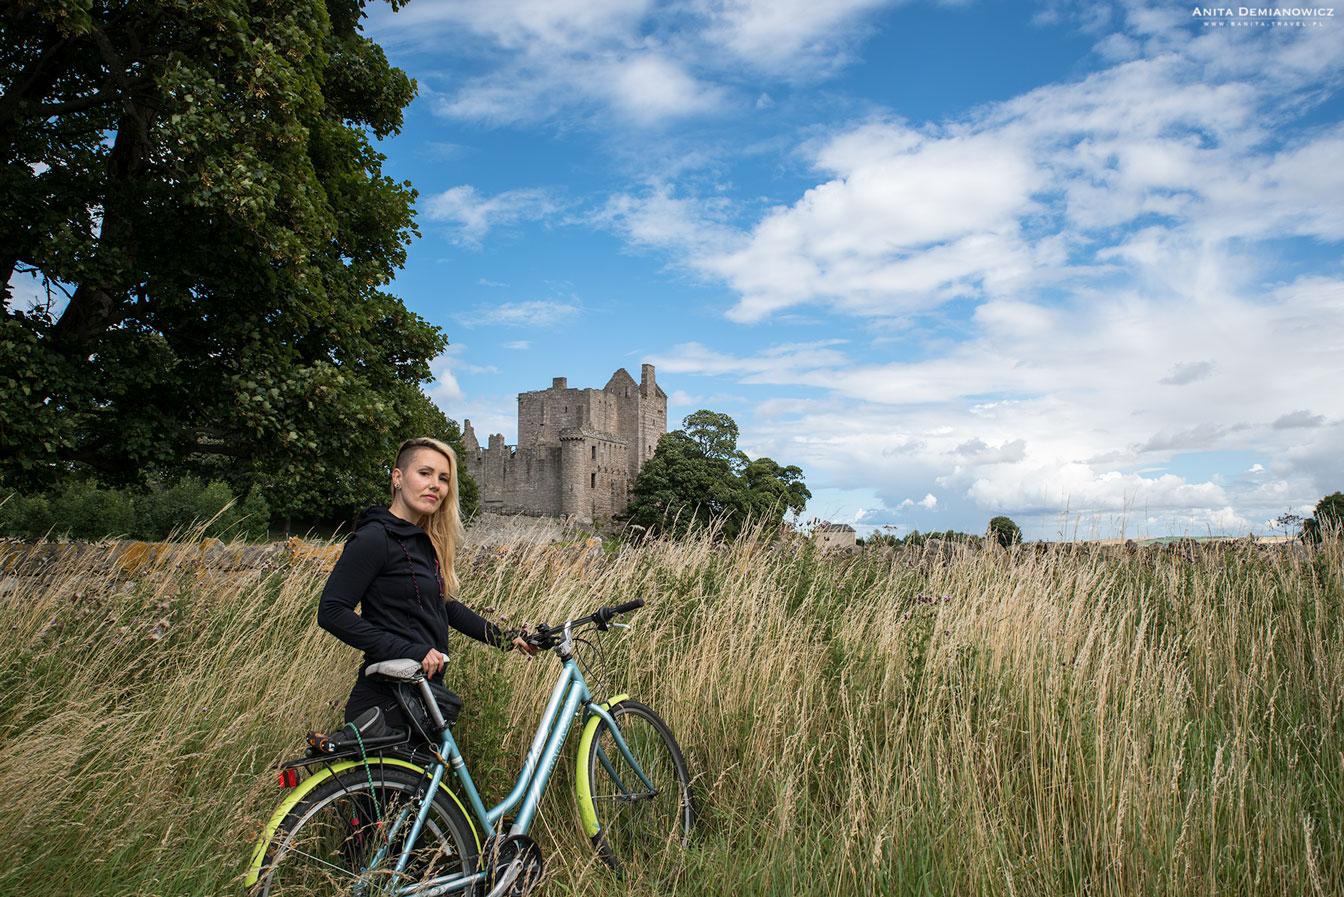 Zamek Craigmillar, Edynburg, Szkocja, Anita Demianowicz